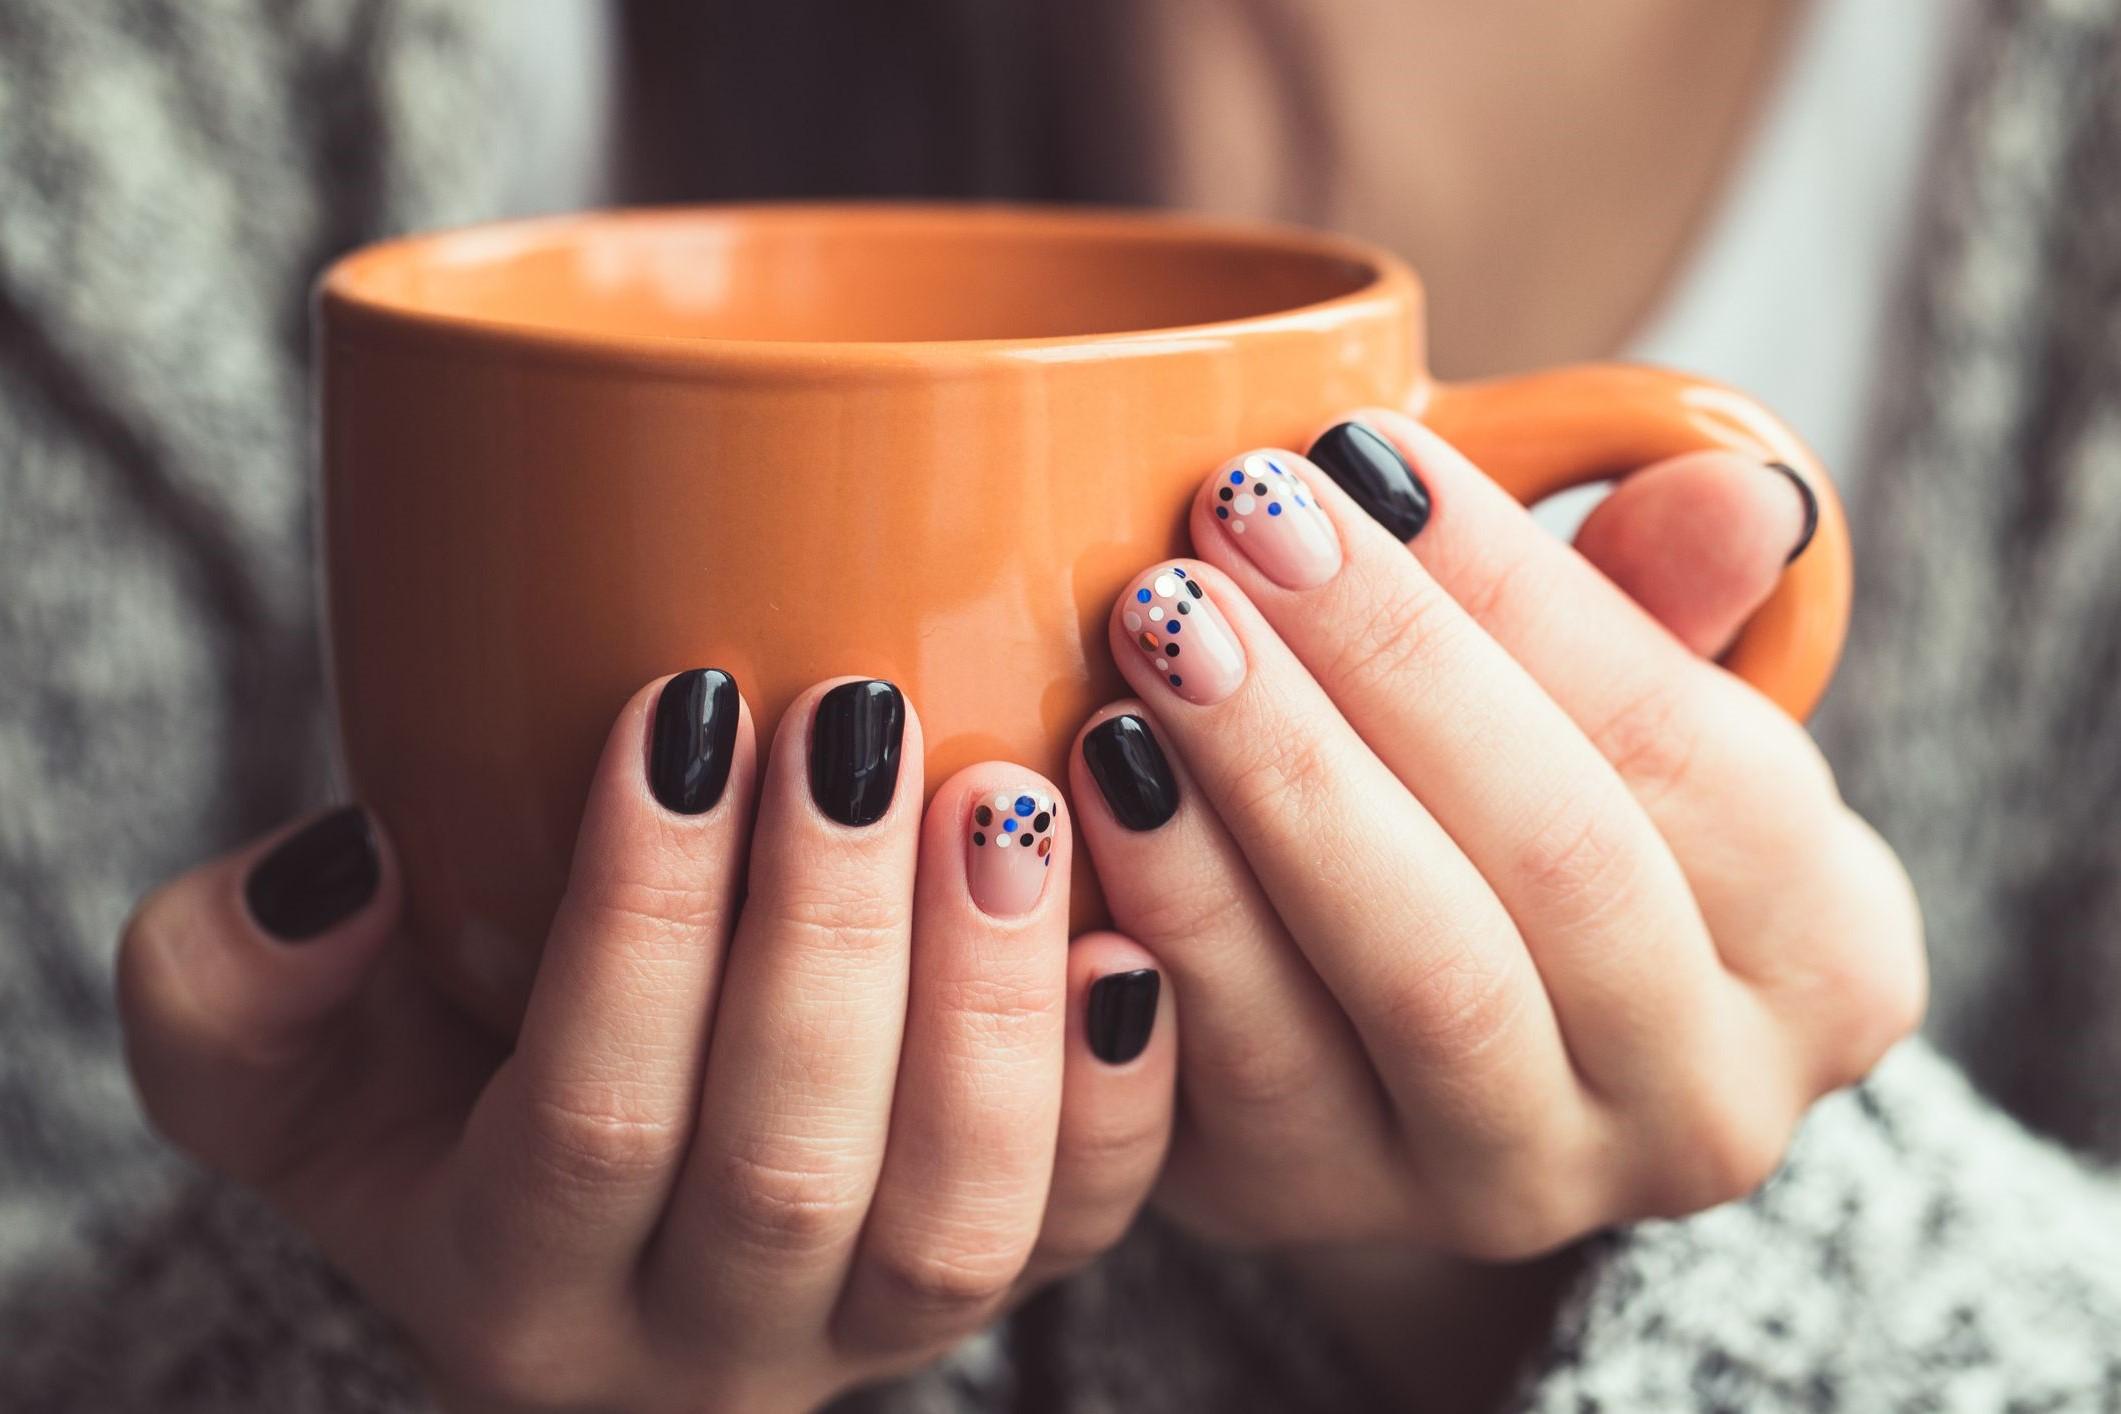 Déco d'ongles simple et facile à réaliser à la maison.